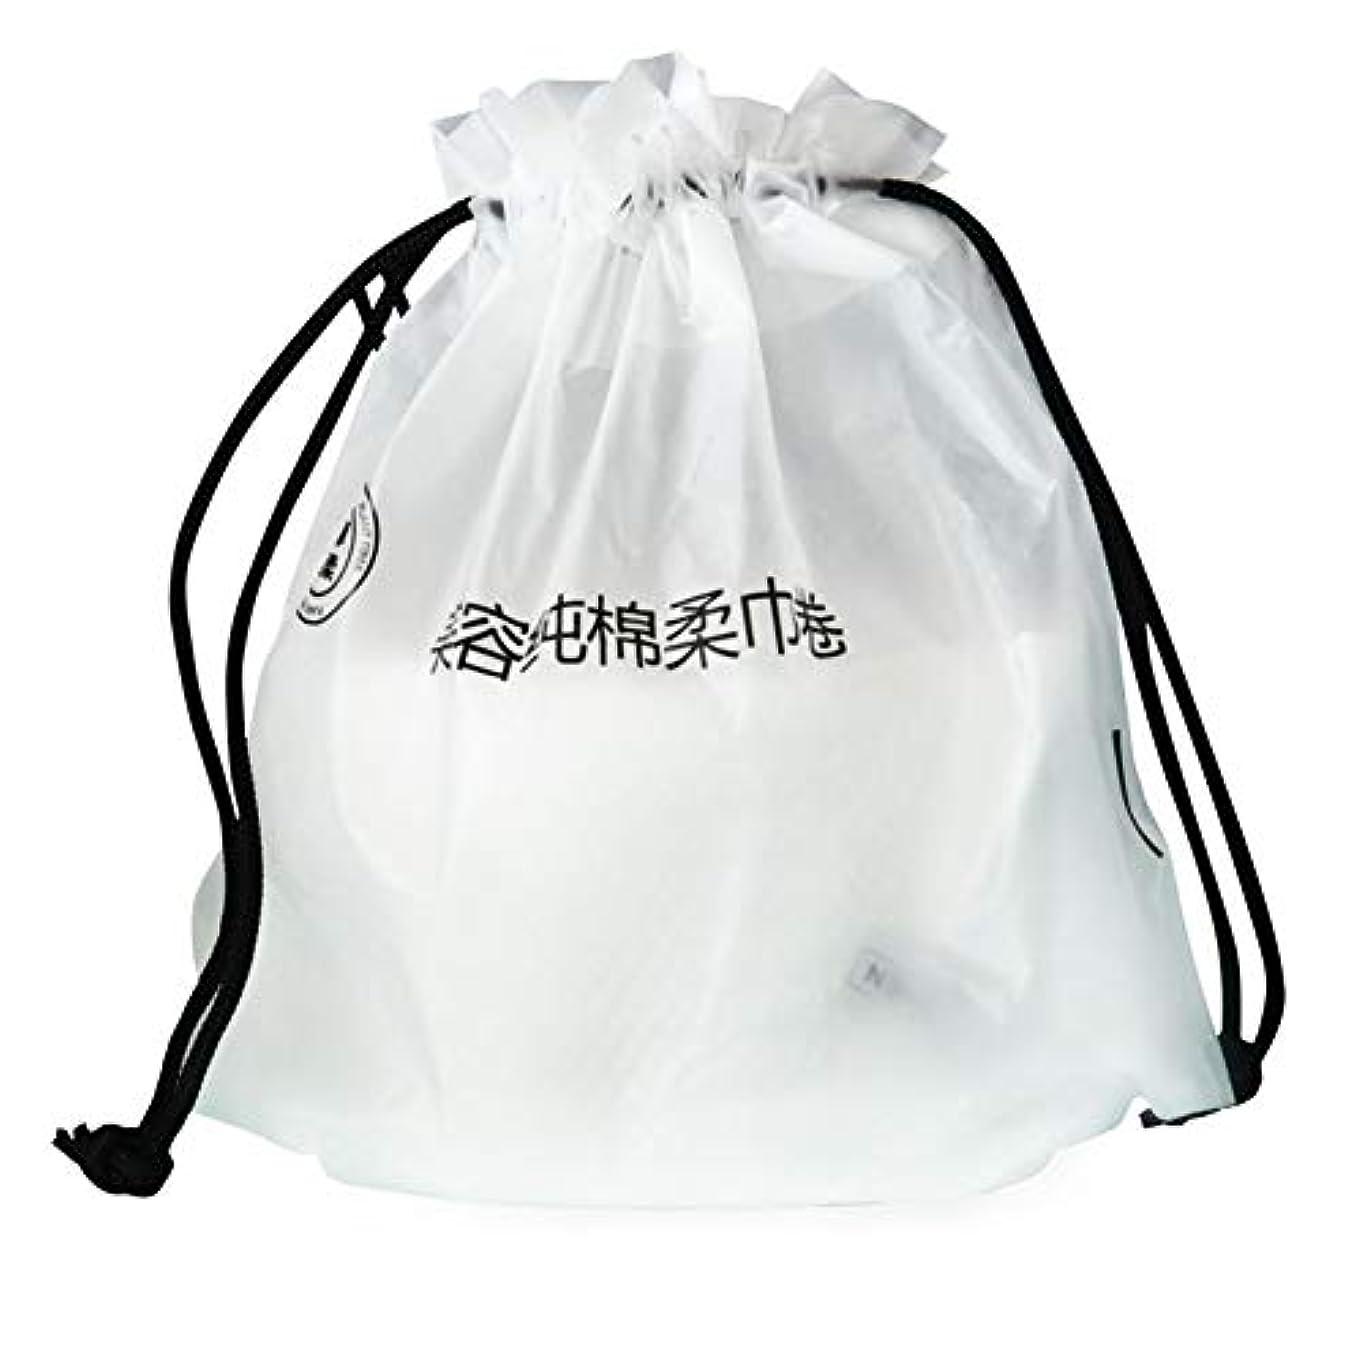 なぞらえる適格気質クレンジングタオル綿肥厚湿式及び乾式美容コットンタオルリムーバーコットンリムーバーコットン使い捨て包装(2パック)